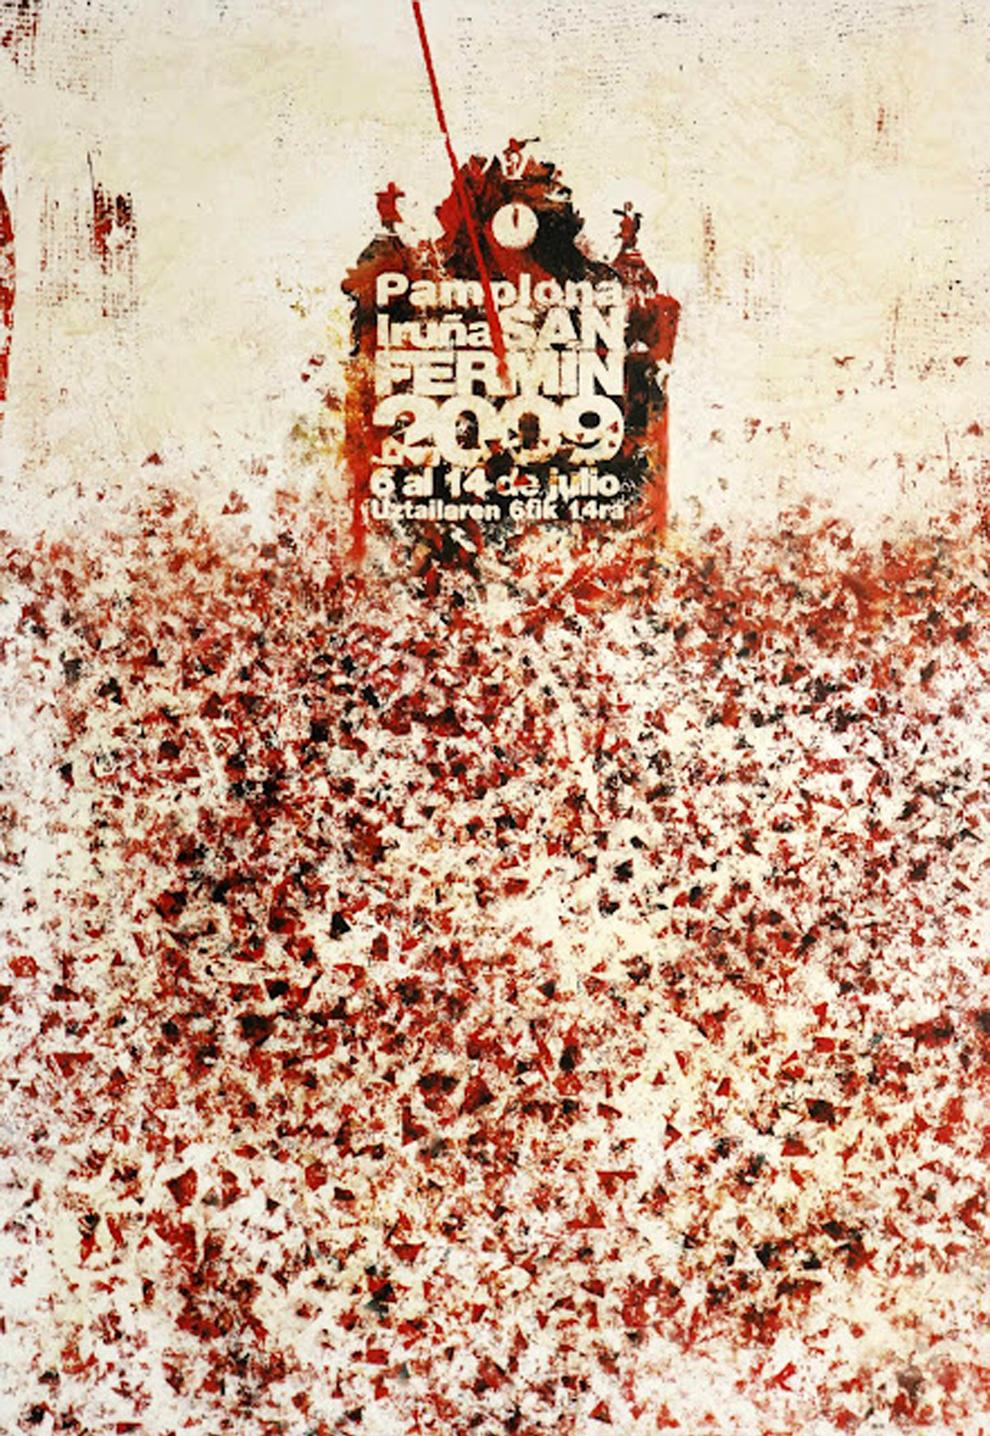 Cartel se San Fermín 2009